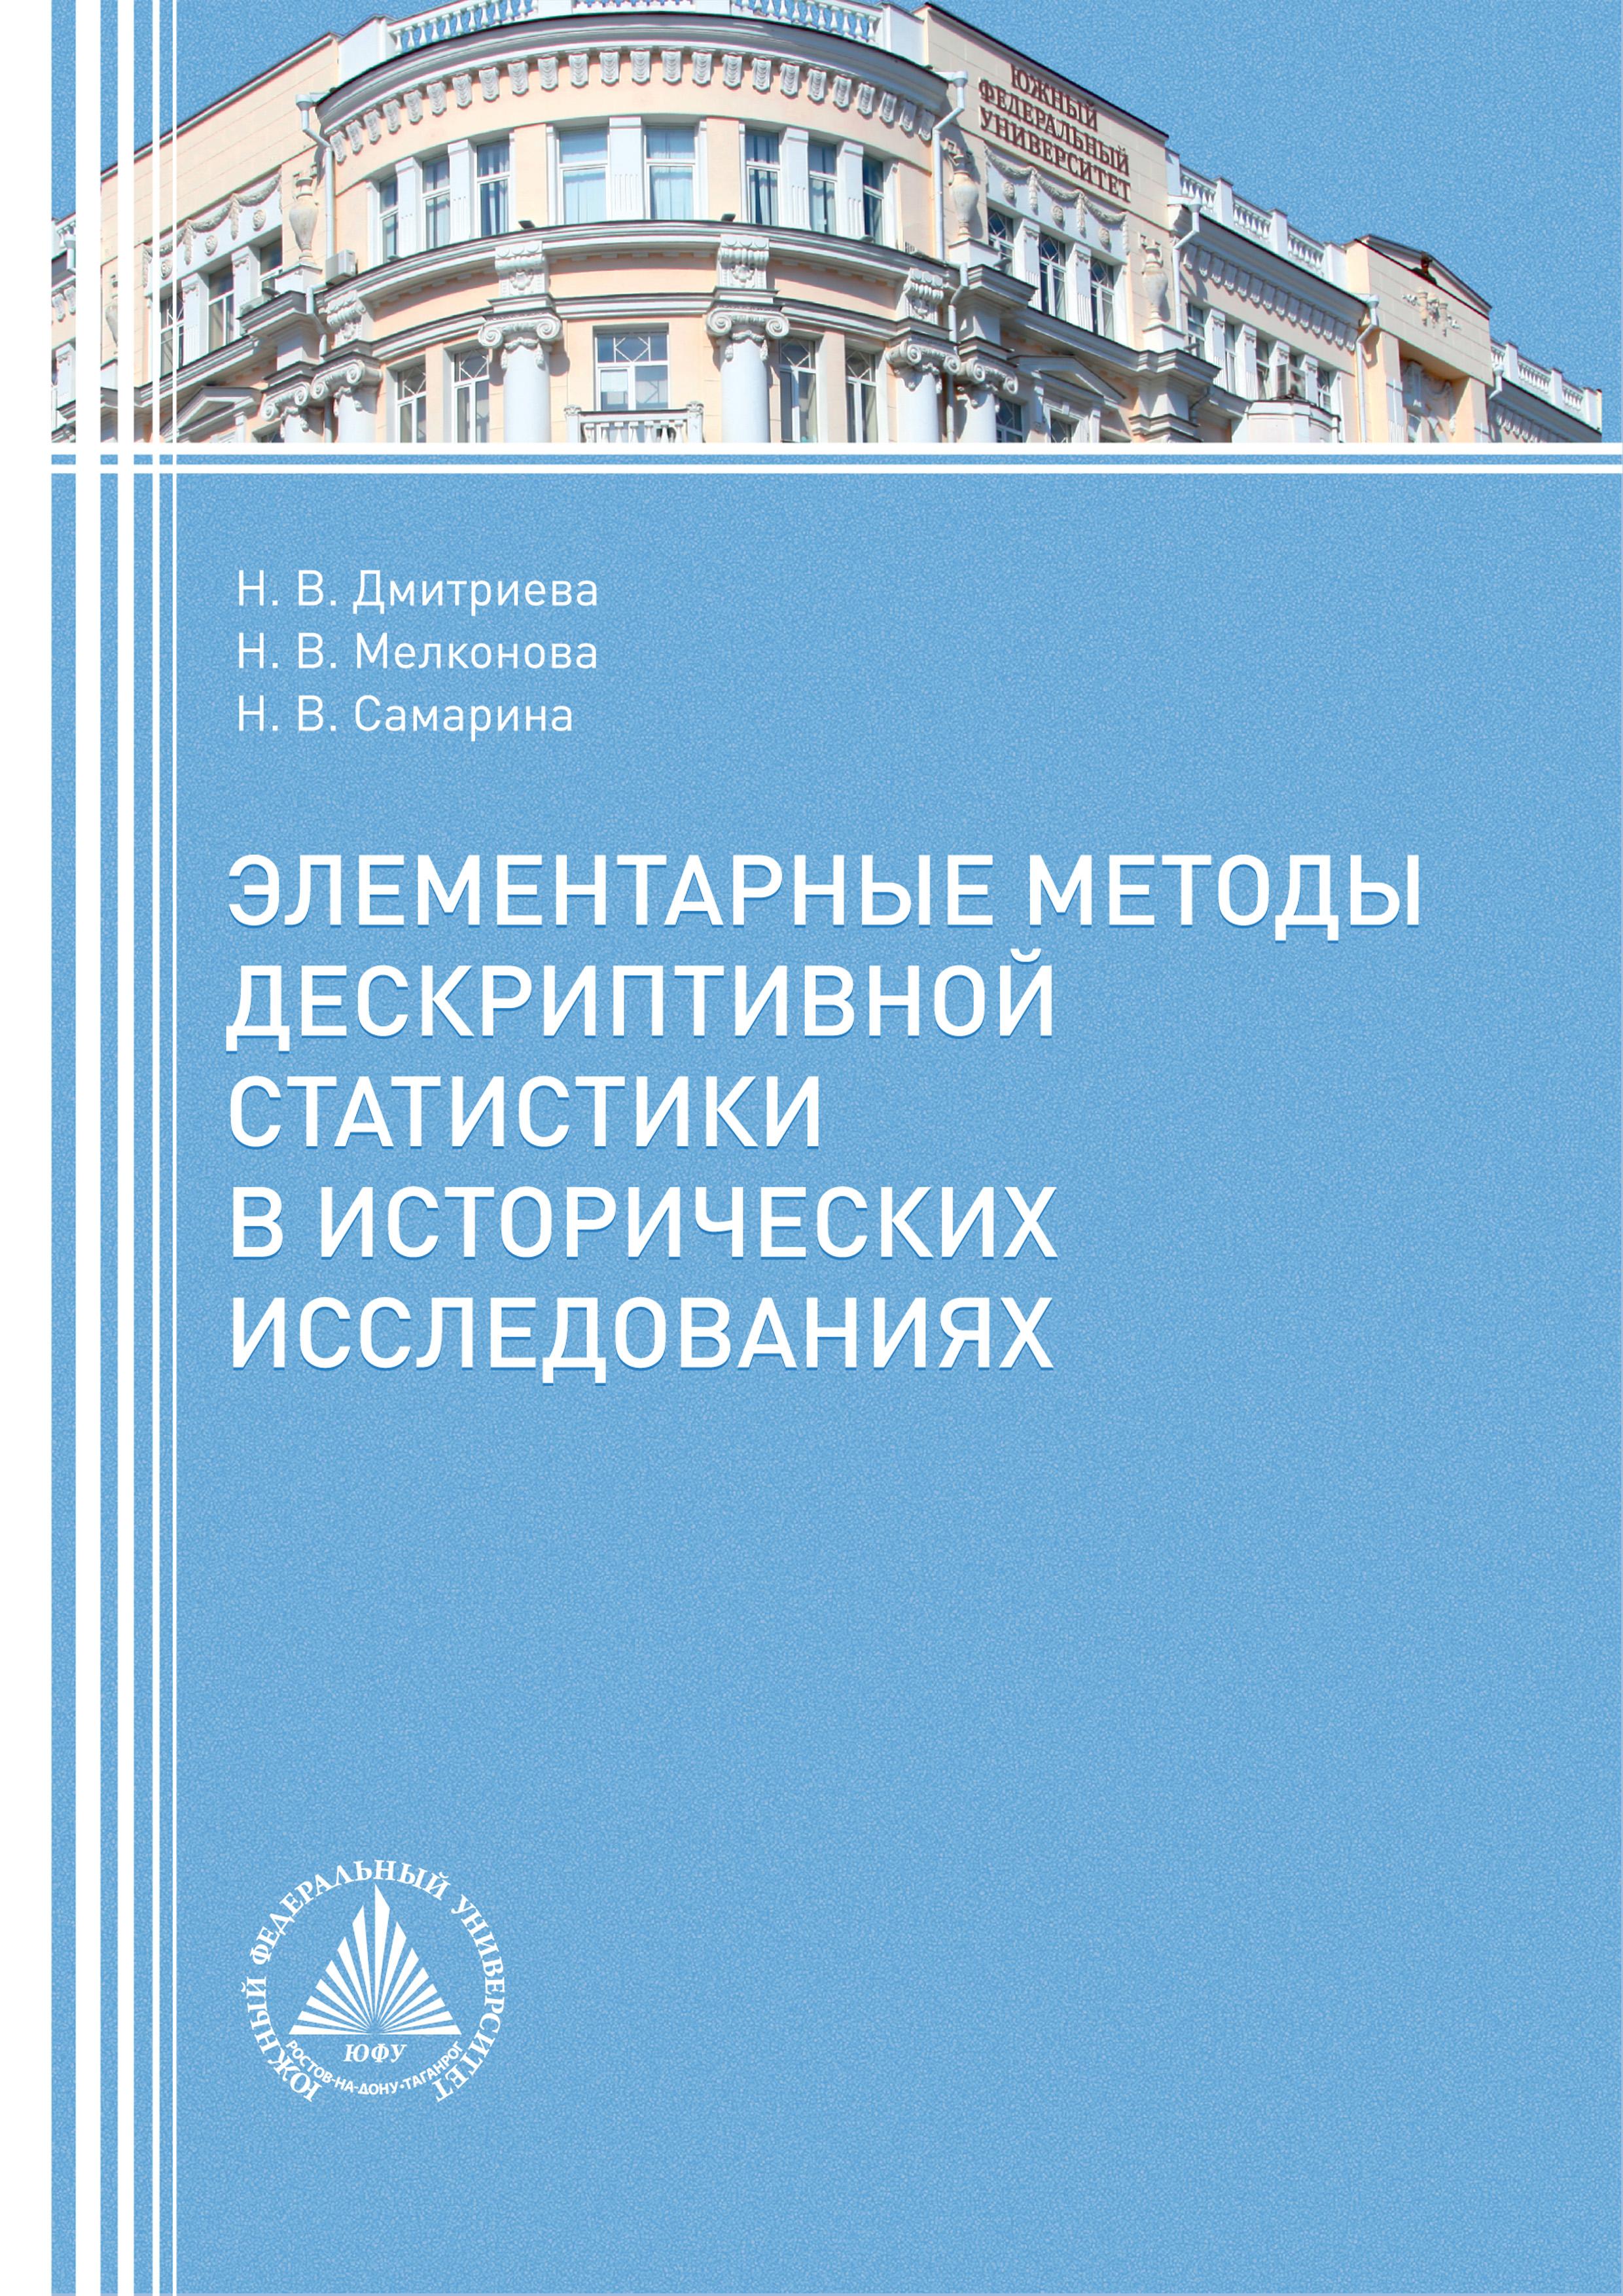 Н. В. Дмитриева Элементарные методы дескриптивной статистики в исторических исследованиях рамка aluminium на 4 поста алюминий коричневый wl11 frame 04 4690389073717